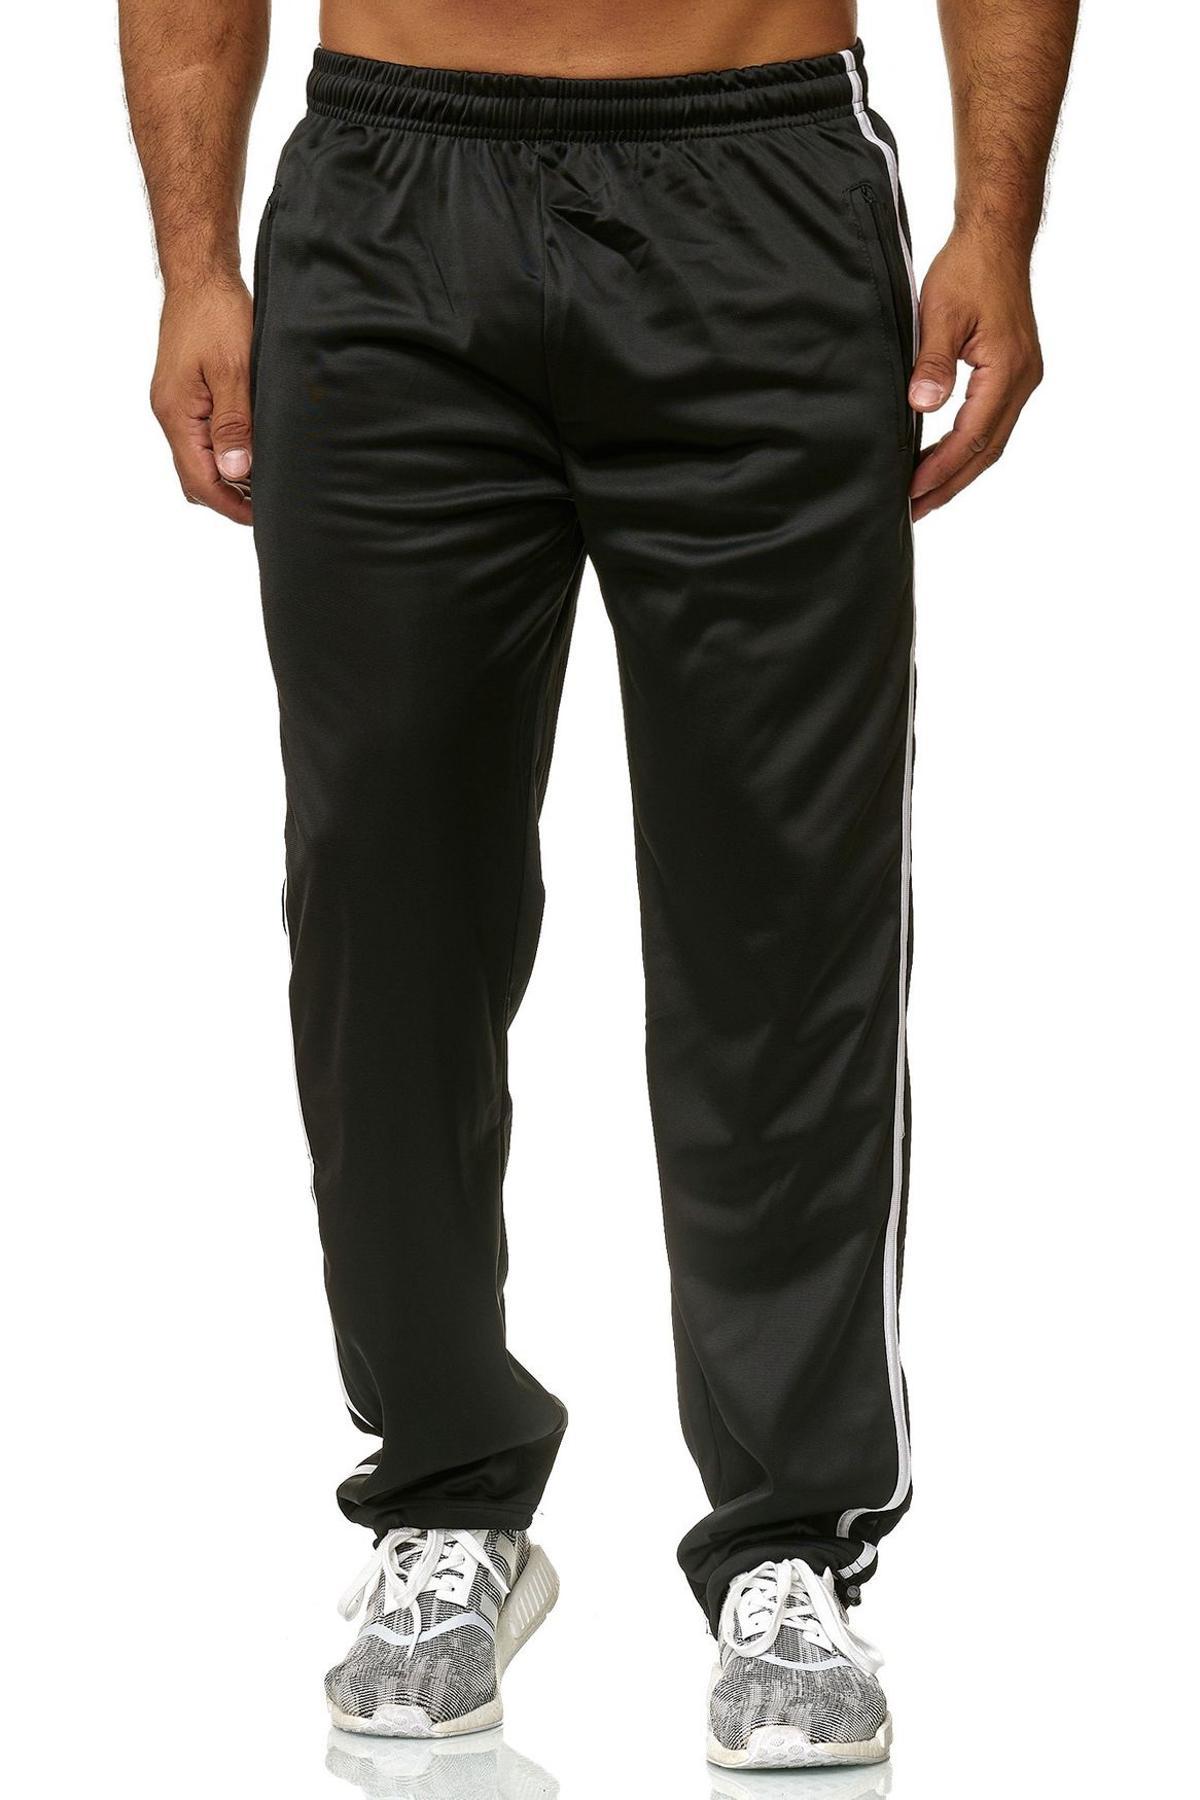 Pantalons Homme Couleurs mélangées KAYENNE H908A-2 #c eFashion Paris